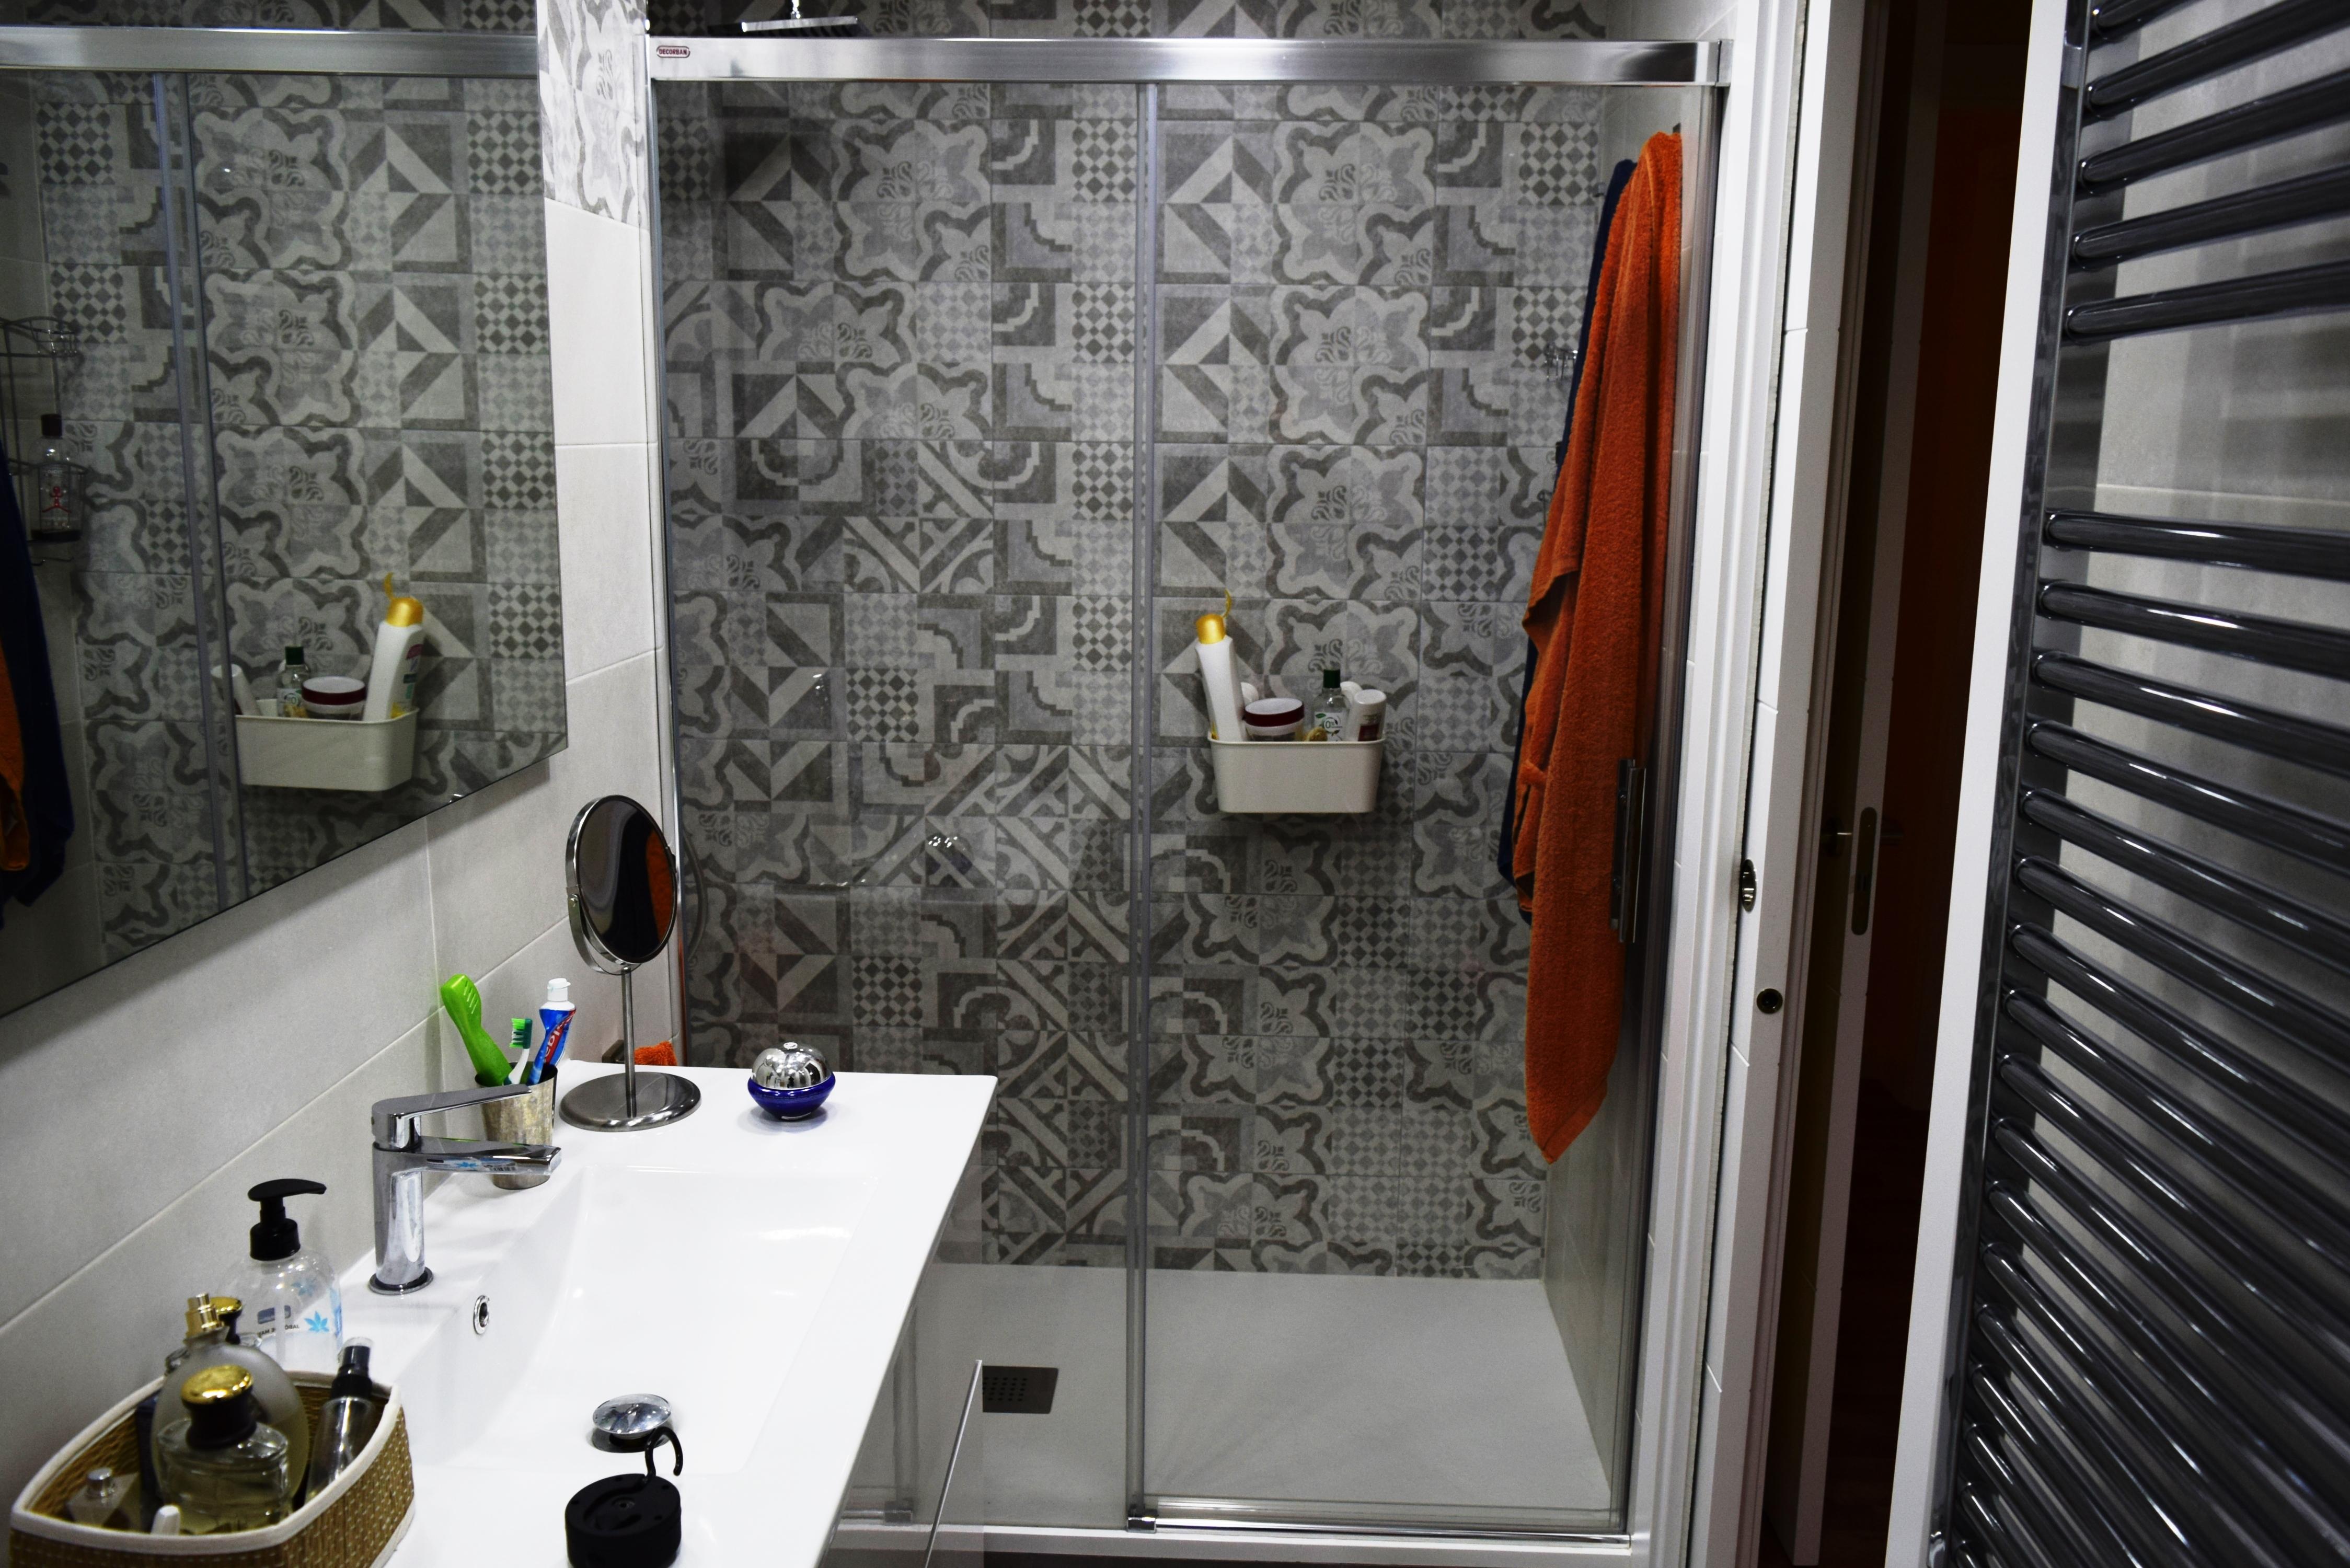 Reforma Baño Integral:Reforma Baño Integral – Empresa de reformas en Alcalá de Henares